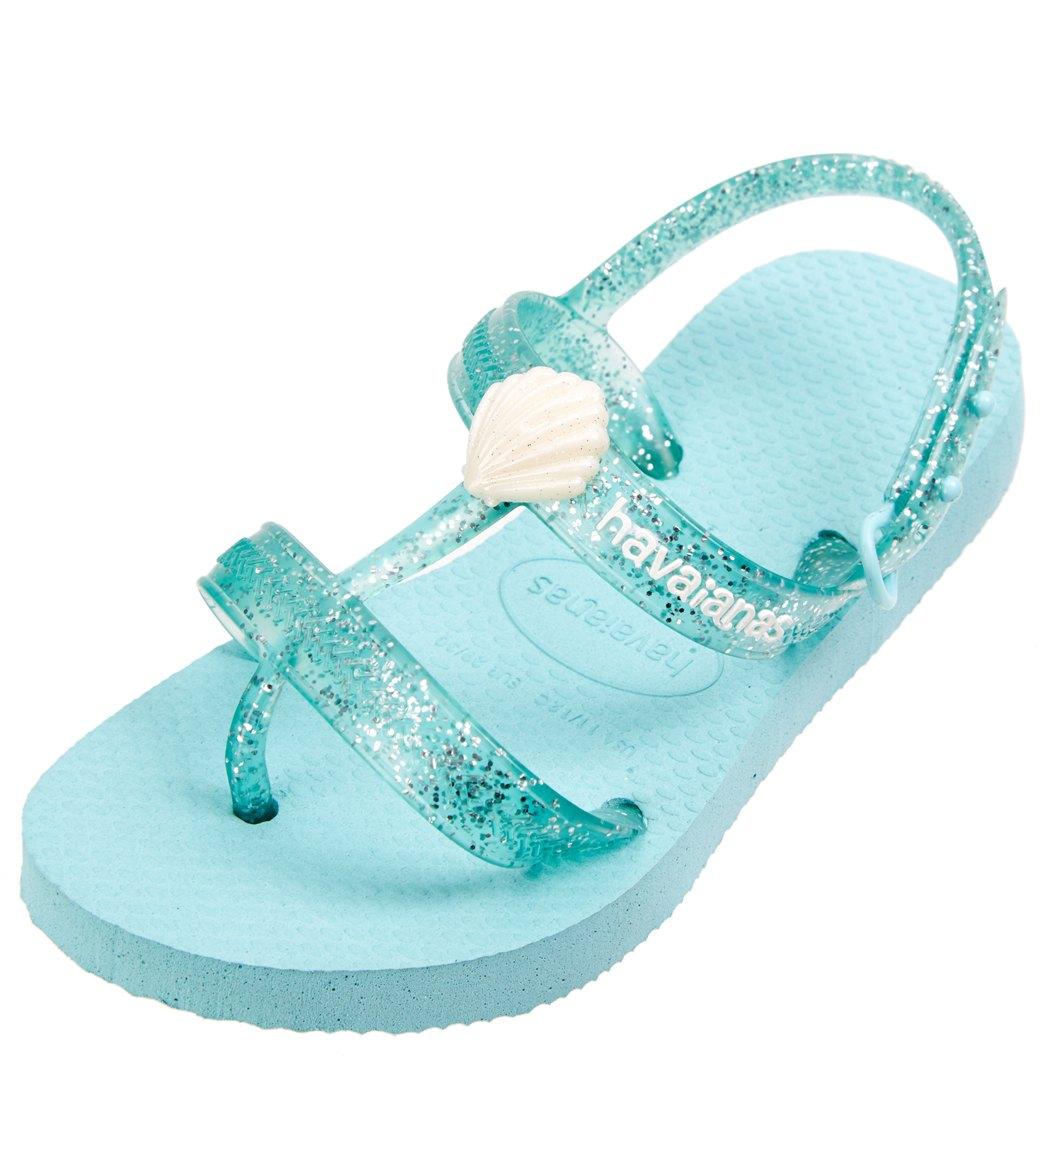 3e10a0a5c9a17 Havaianas Girl s Joy Sandal (Toddler